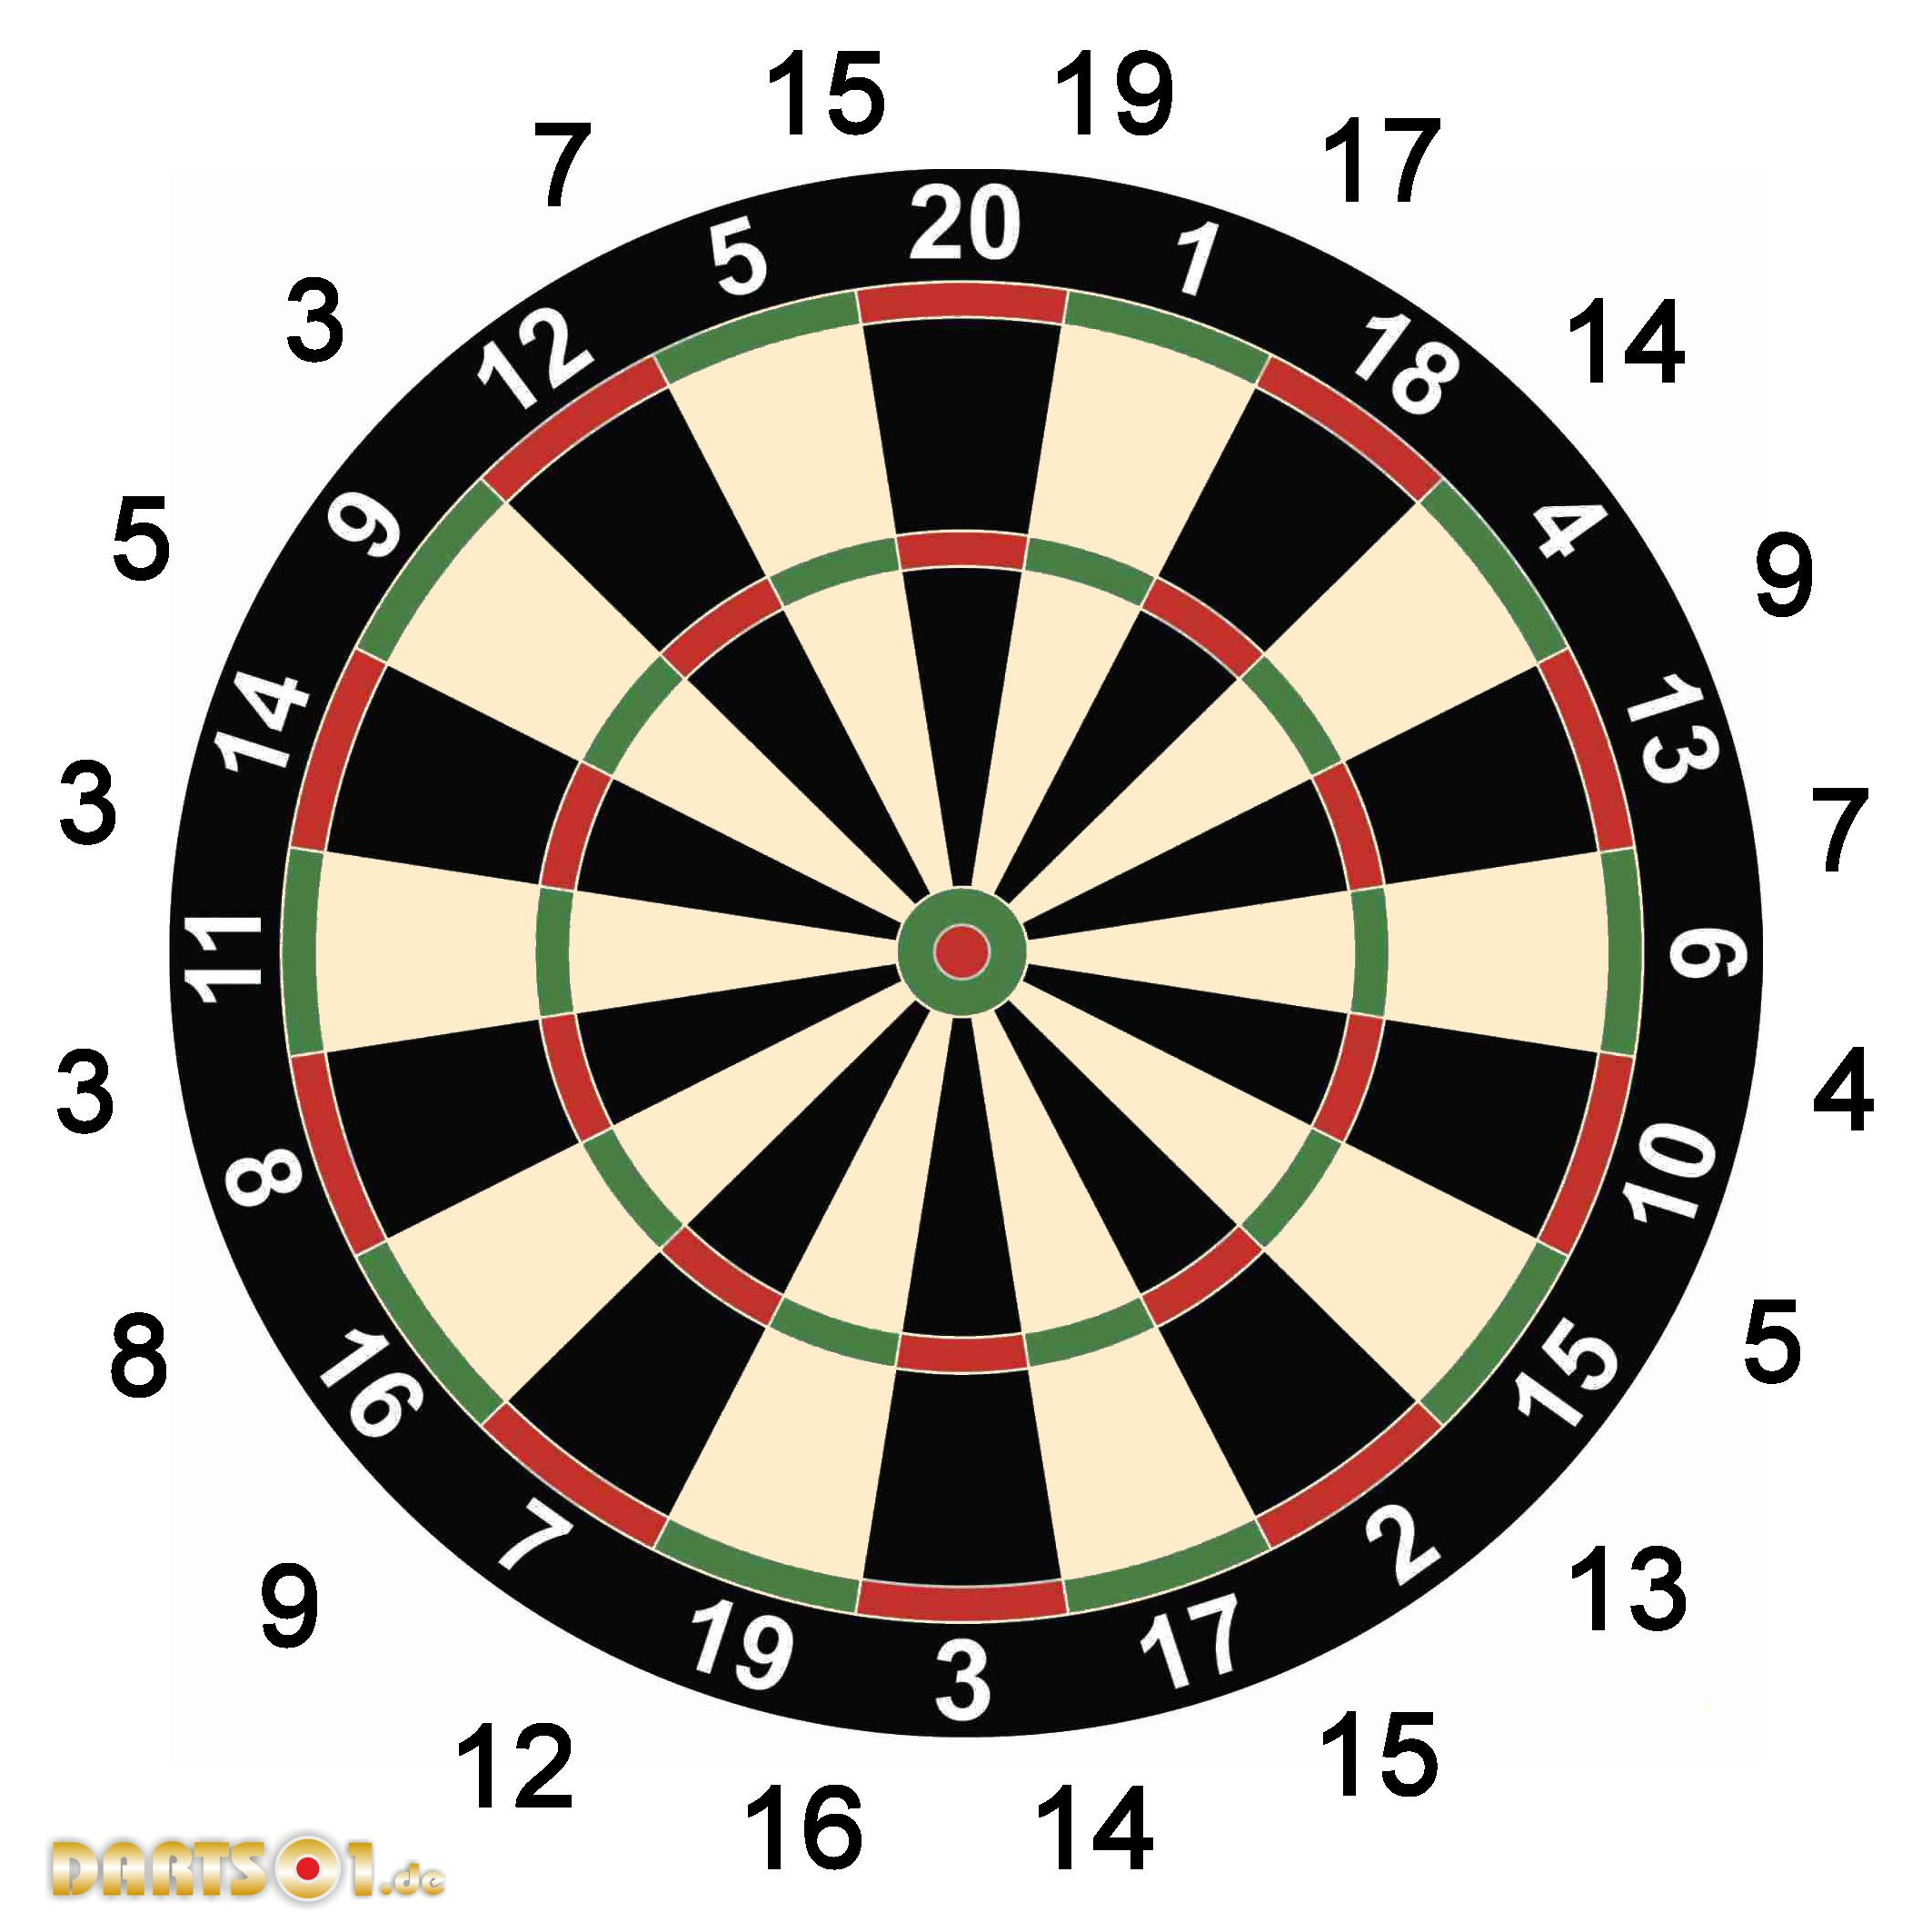 Anordnung der Zahlen auf dem Dartboard